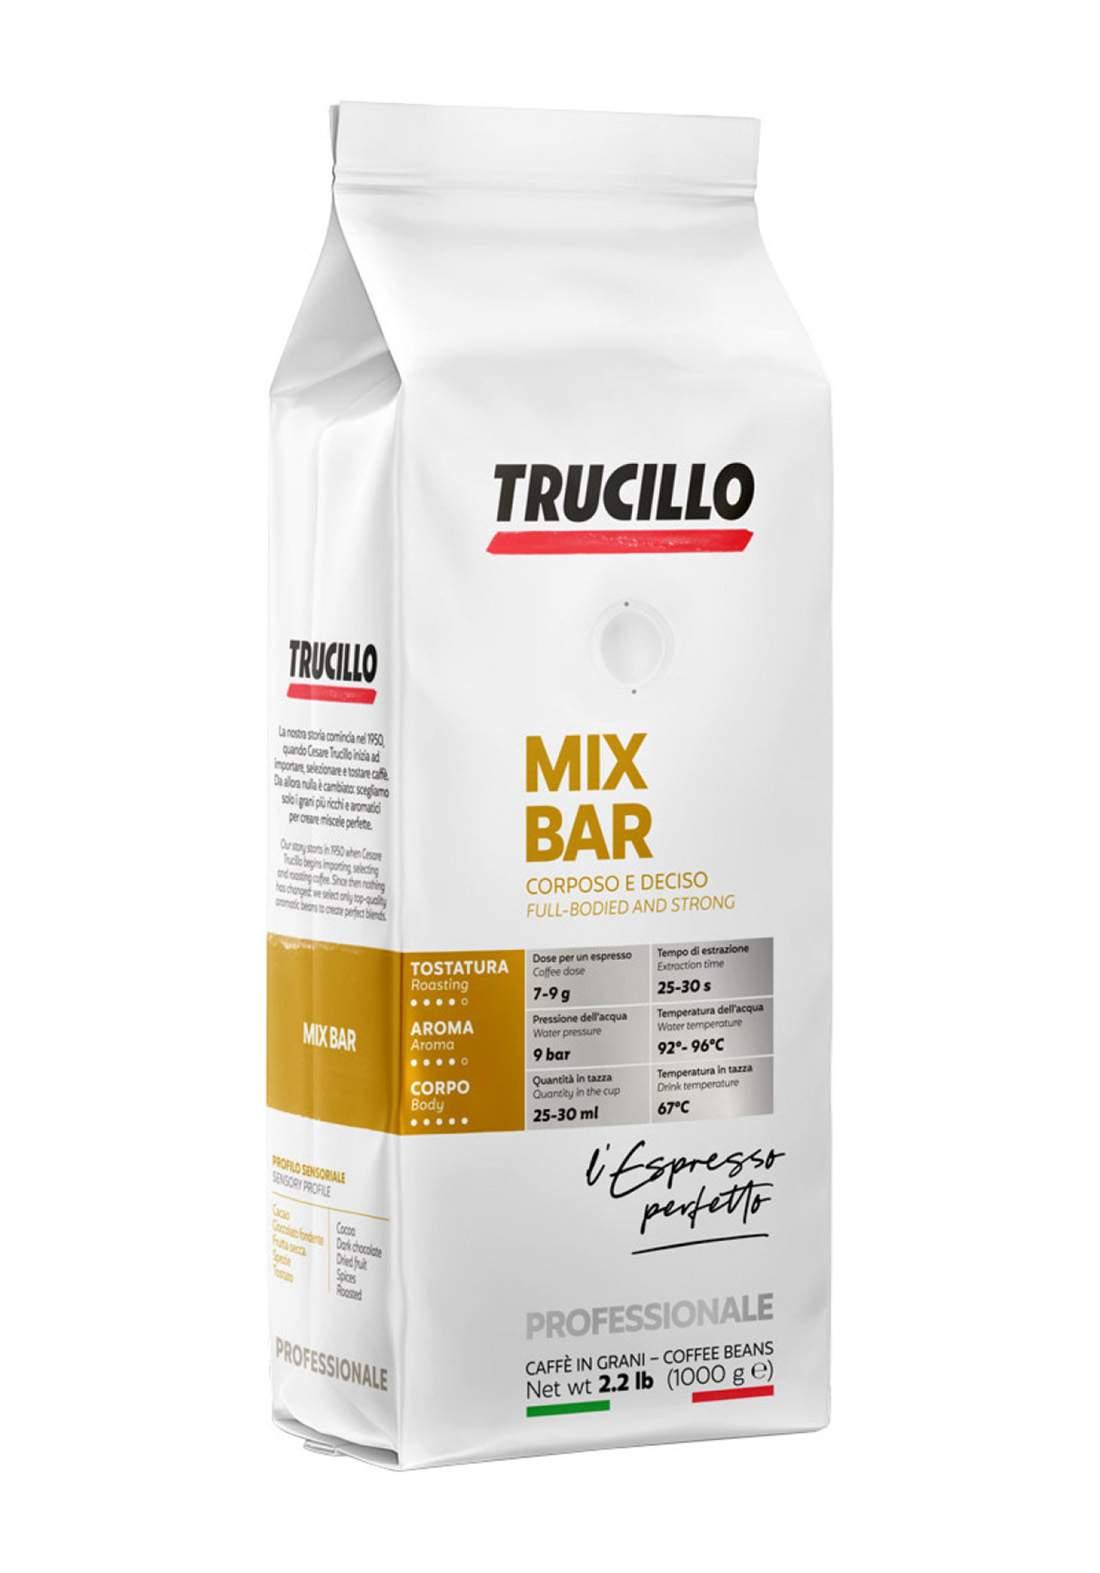 Trucillo Premium Mix Bar 1Kg قهوة